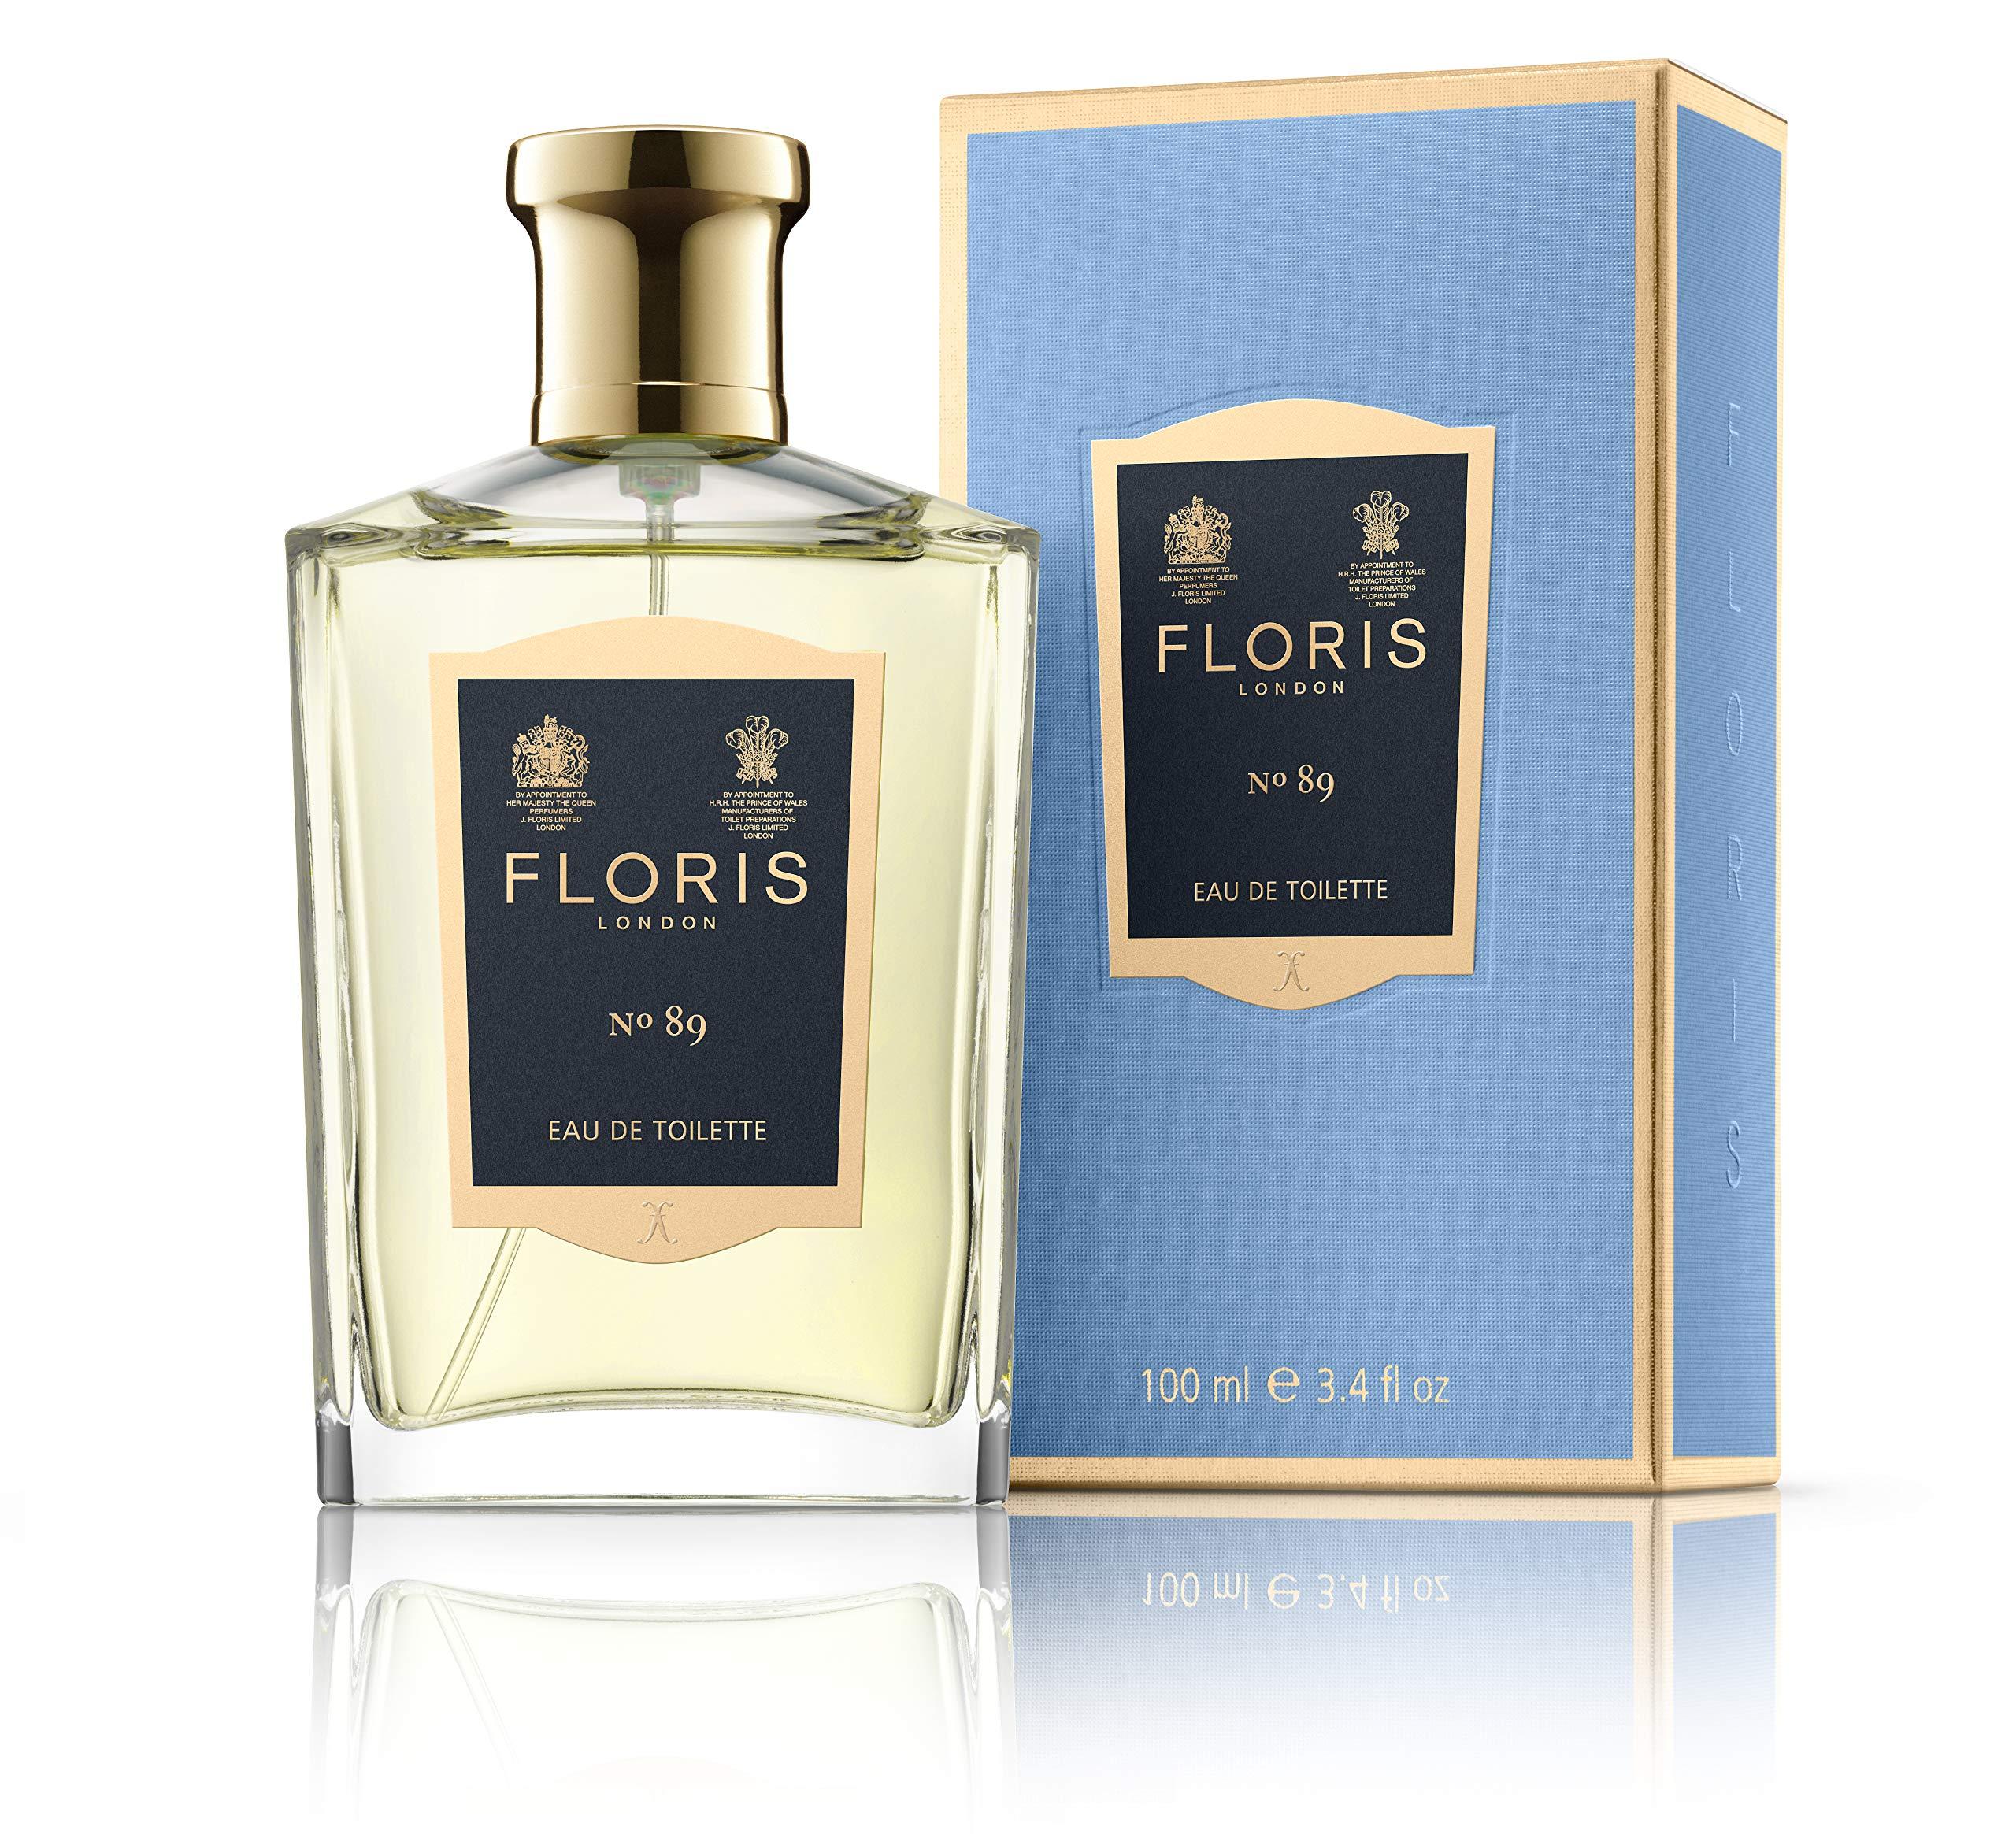 sản phẩm làm đẹp nữ hoàng; NƯỚC HOA FLORIS LONDON HƯƠNG HOA HỒNG TRẮNG